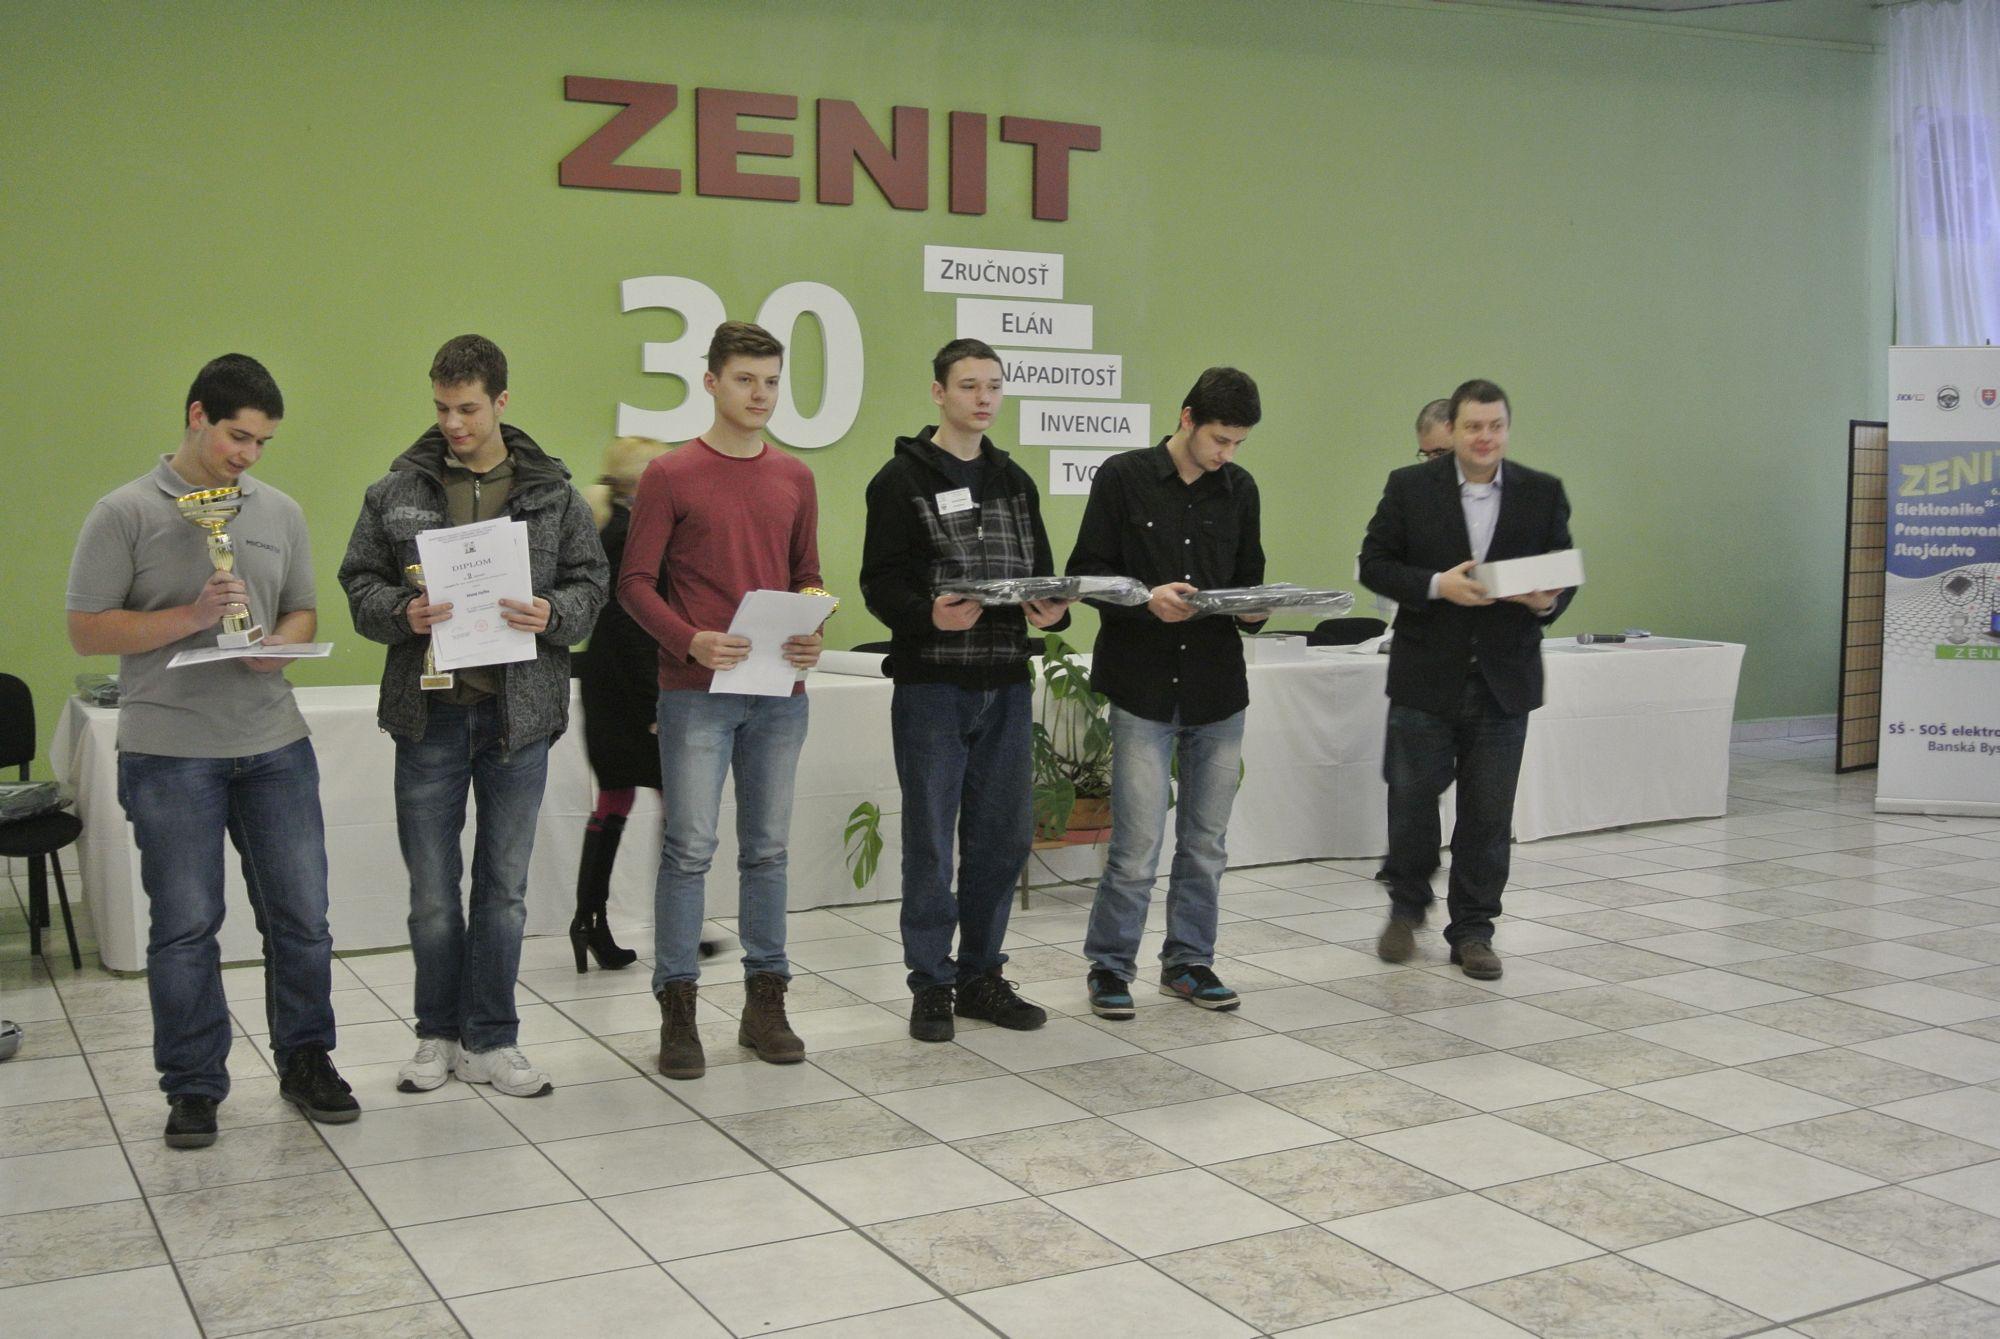 ZENIT 2014